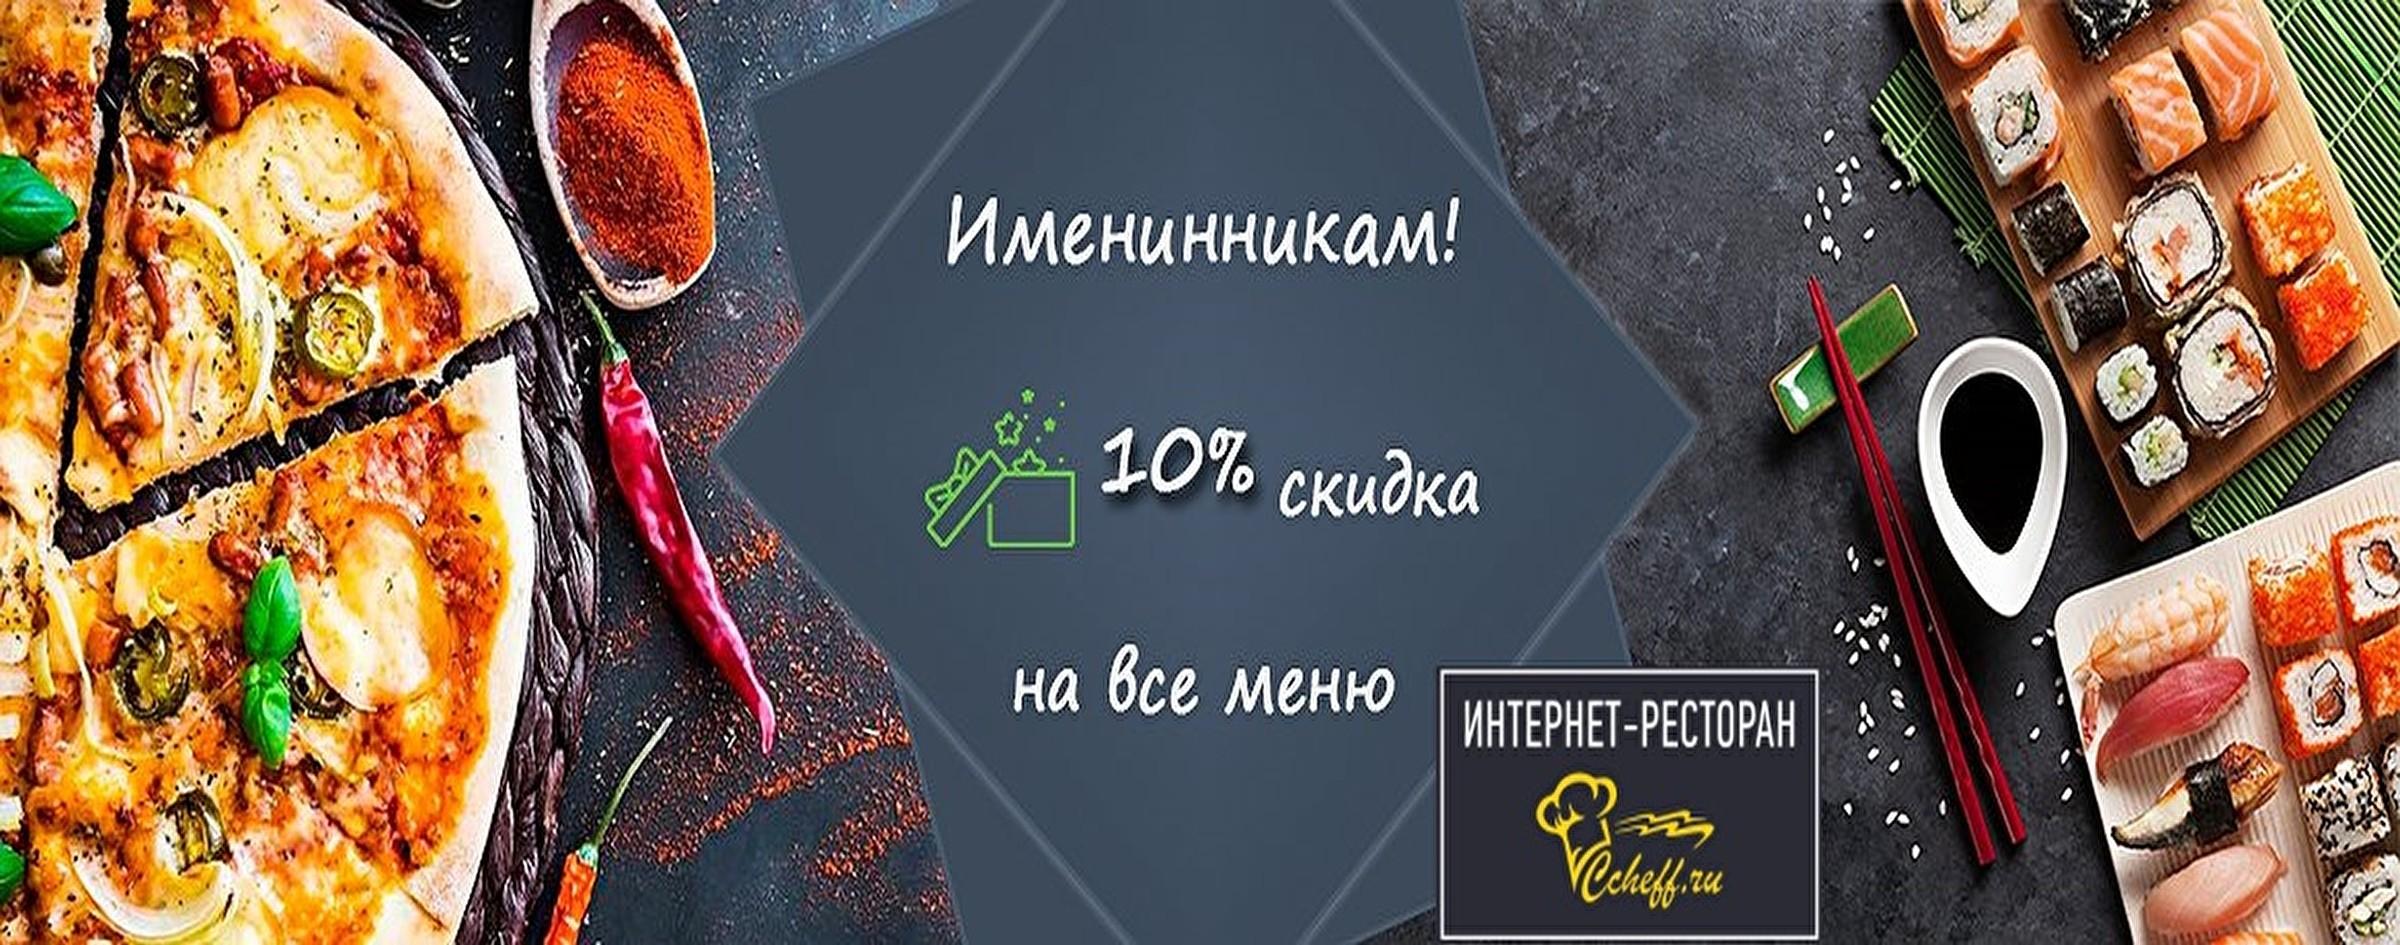 Именинникам СКИДКА - 10%